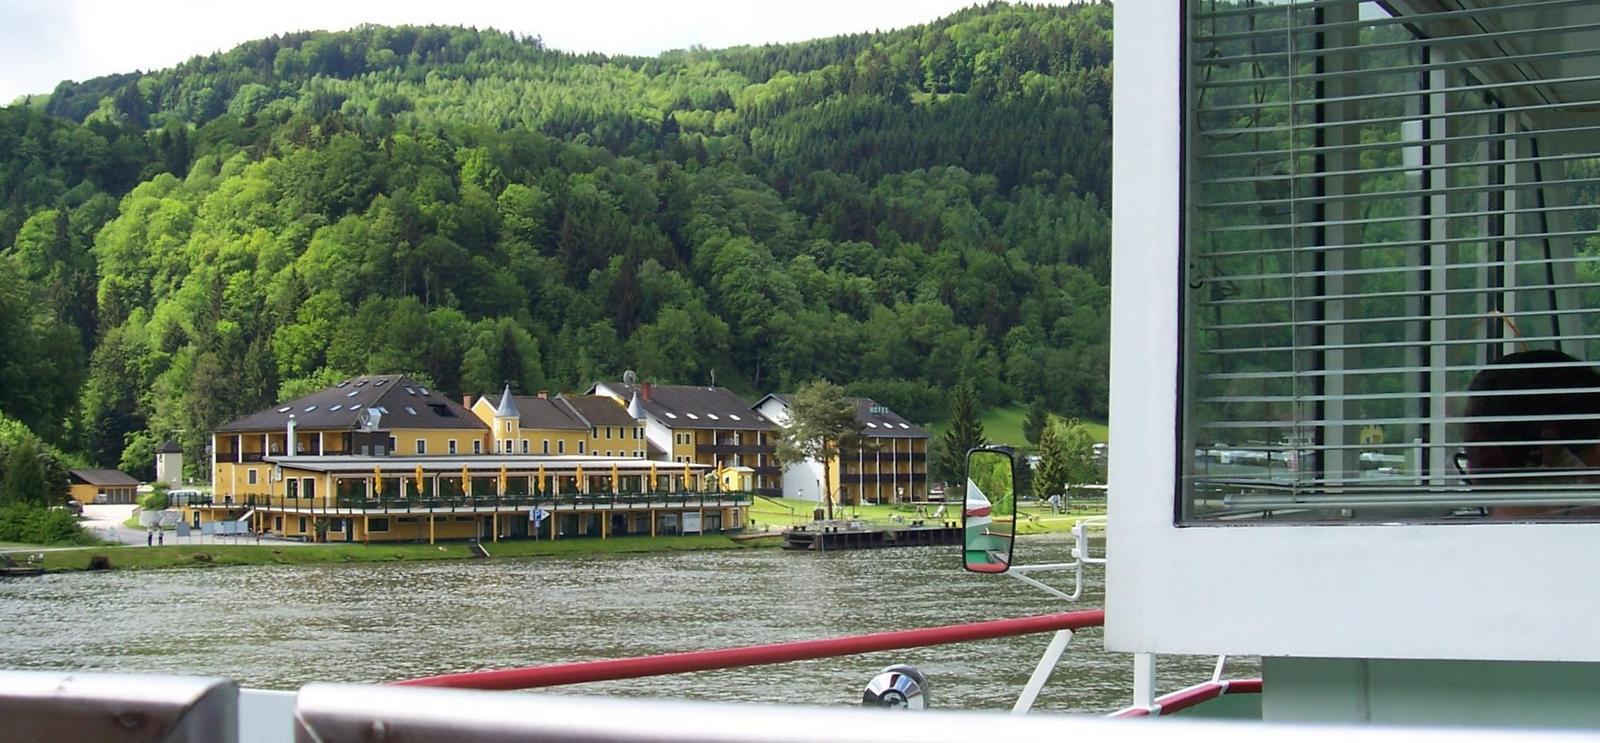 Hotel Donauschleife